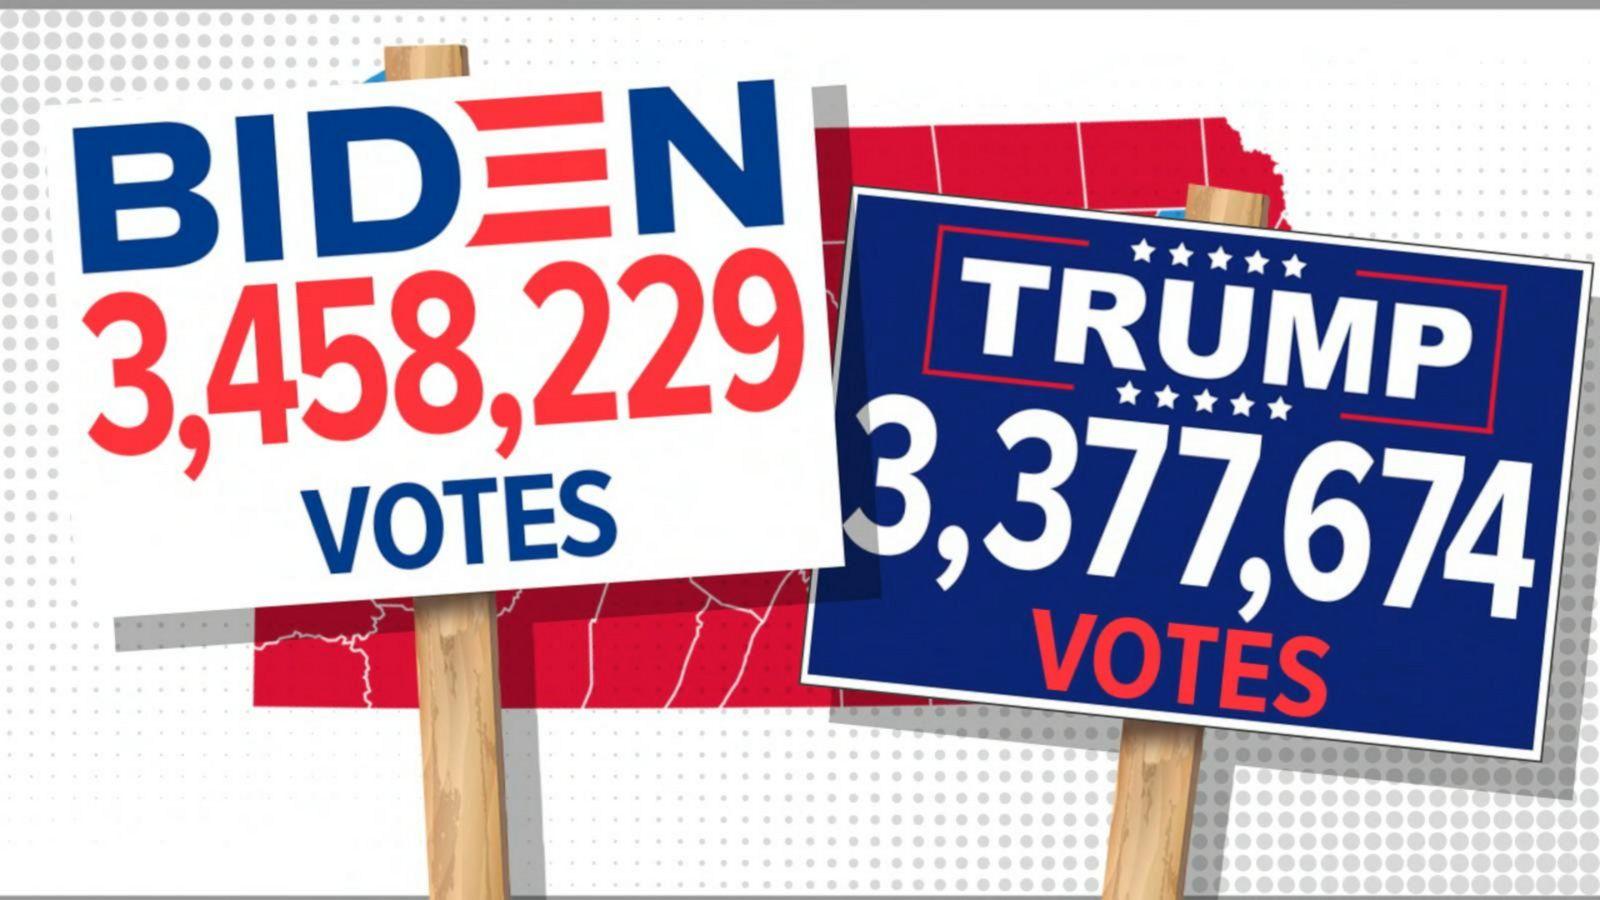 Do You Buy That … Suburban Voters Helped Biden?